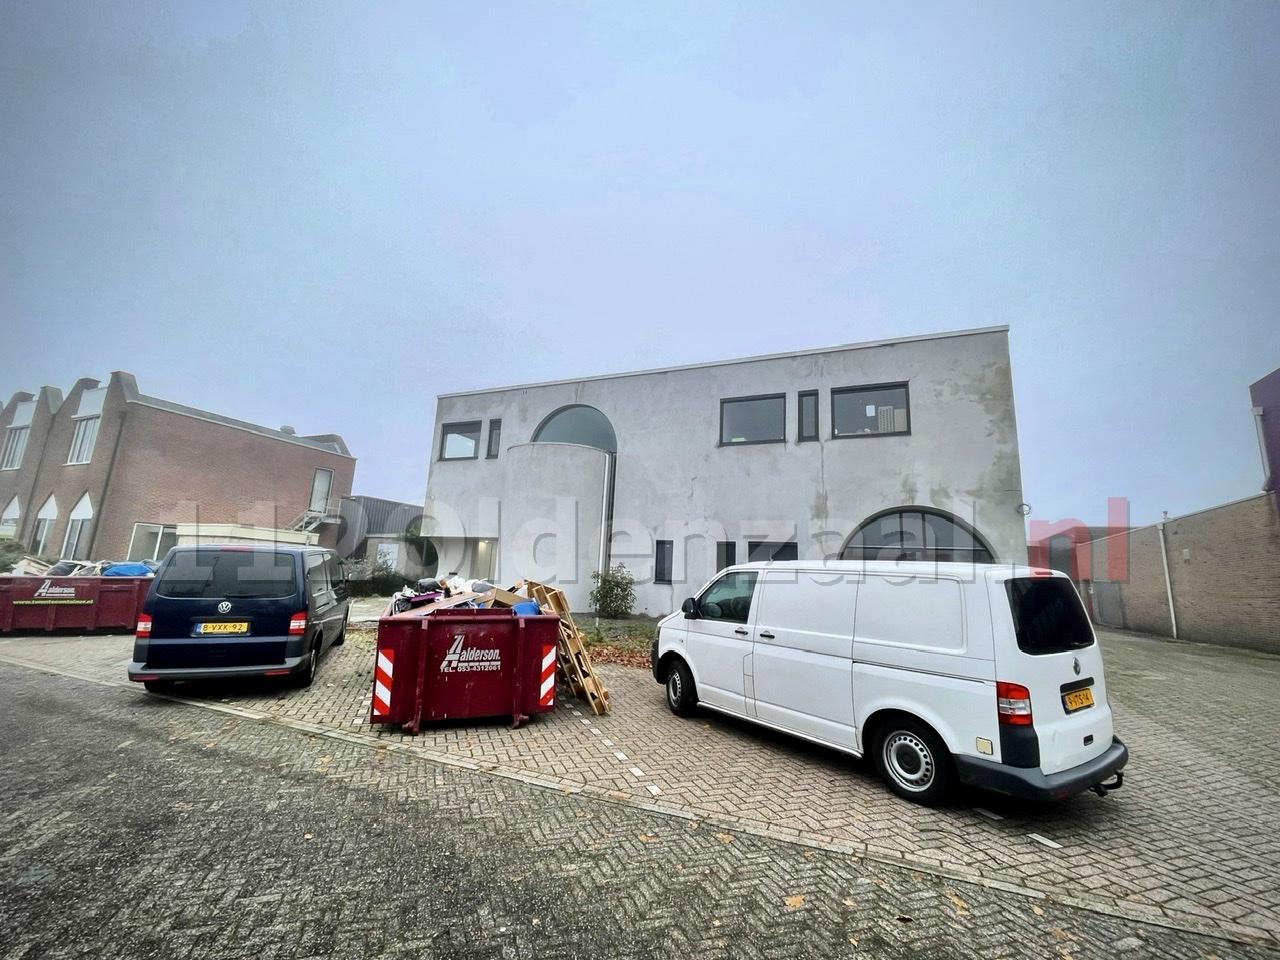 UPDATE: Lichaam aangetroffen in pand Oldenzaal: politie doet onderzoek